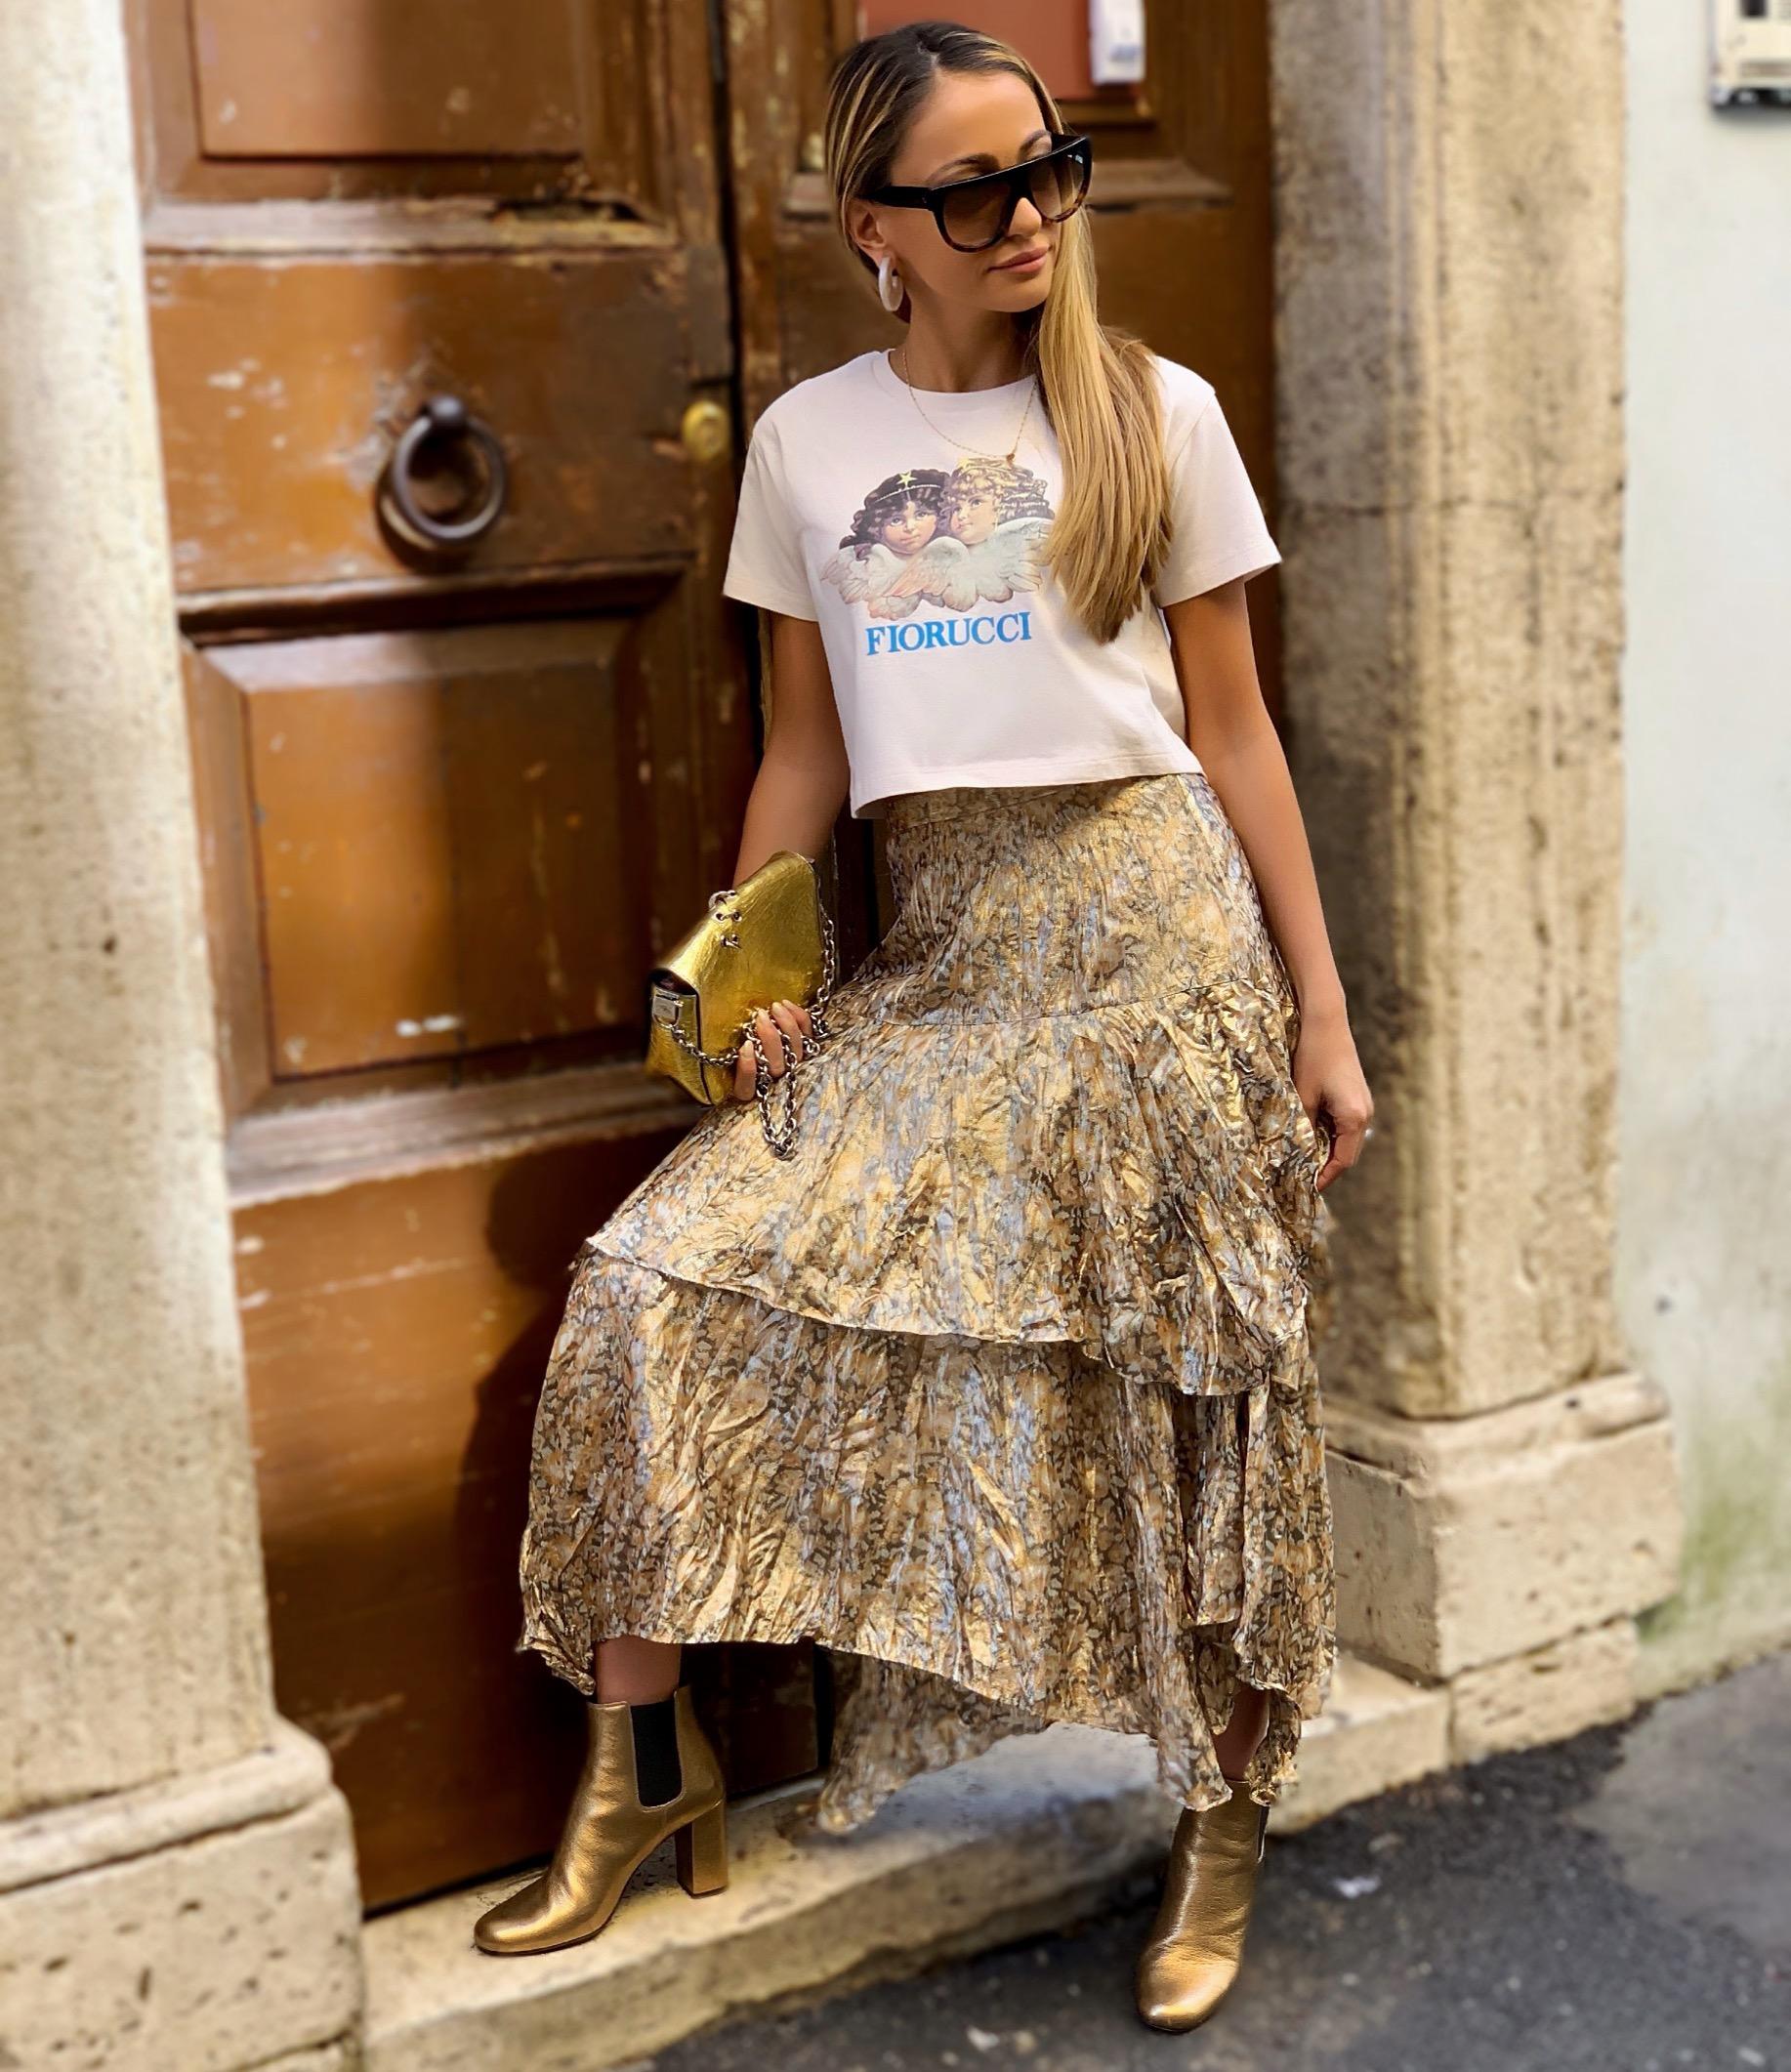 Tee:   Fiorucci  | Skirt:  LoveShackFancy  |Boots: Saint Laurent (older//last seen   here  )